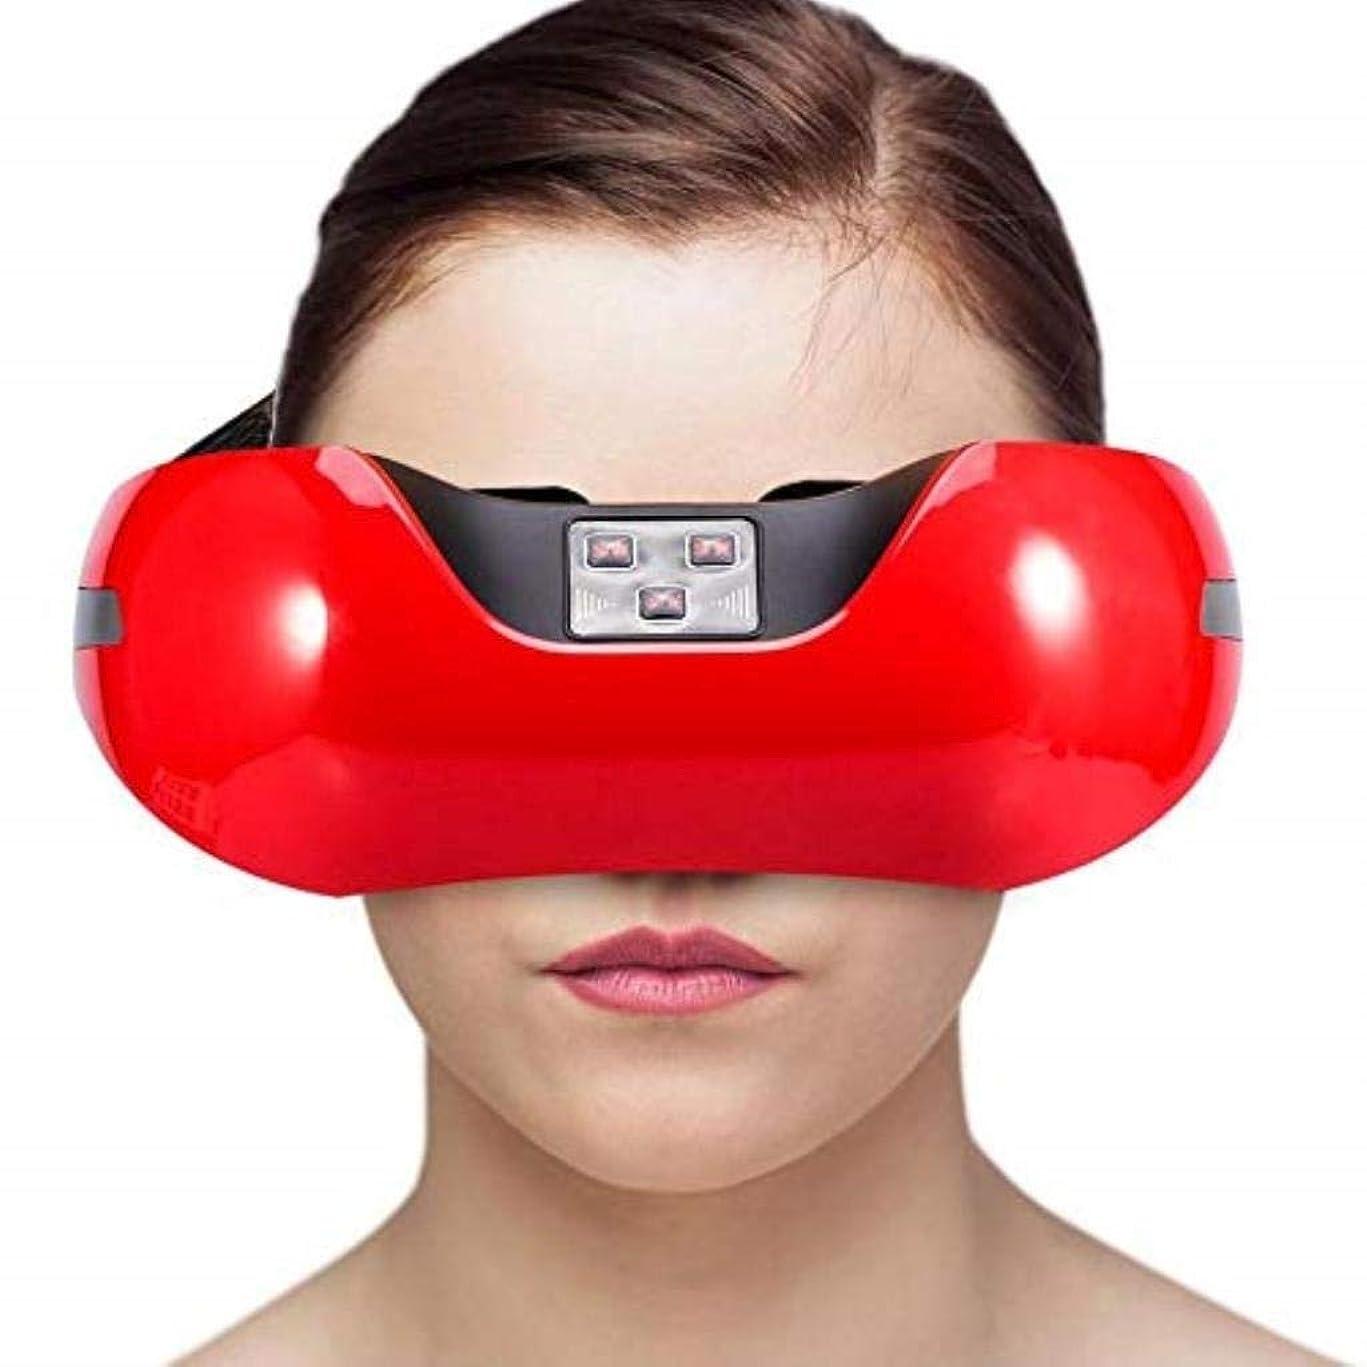 湖兄パッケージ近視の予防のための視力回復器具トレーニングアイマッサージ器具 (Color : Red)